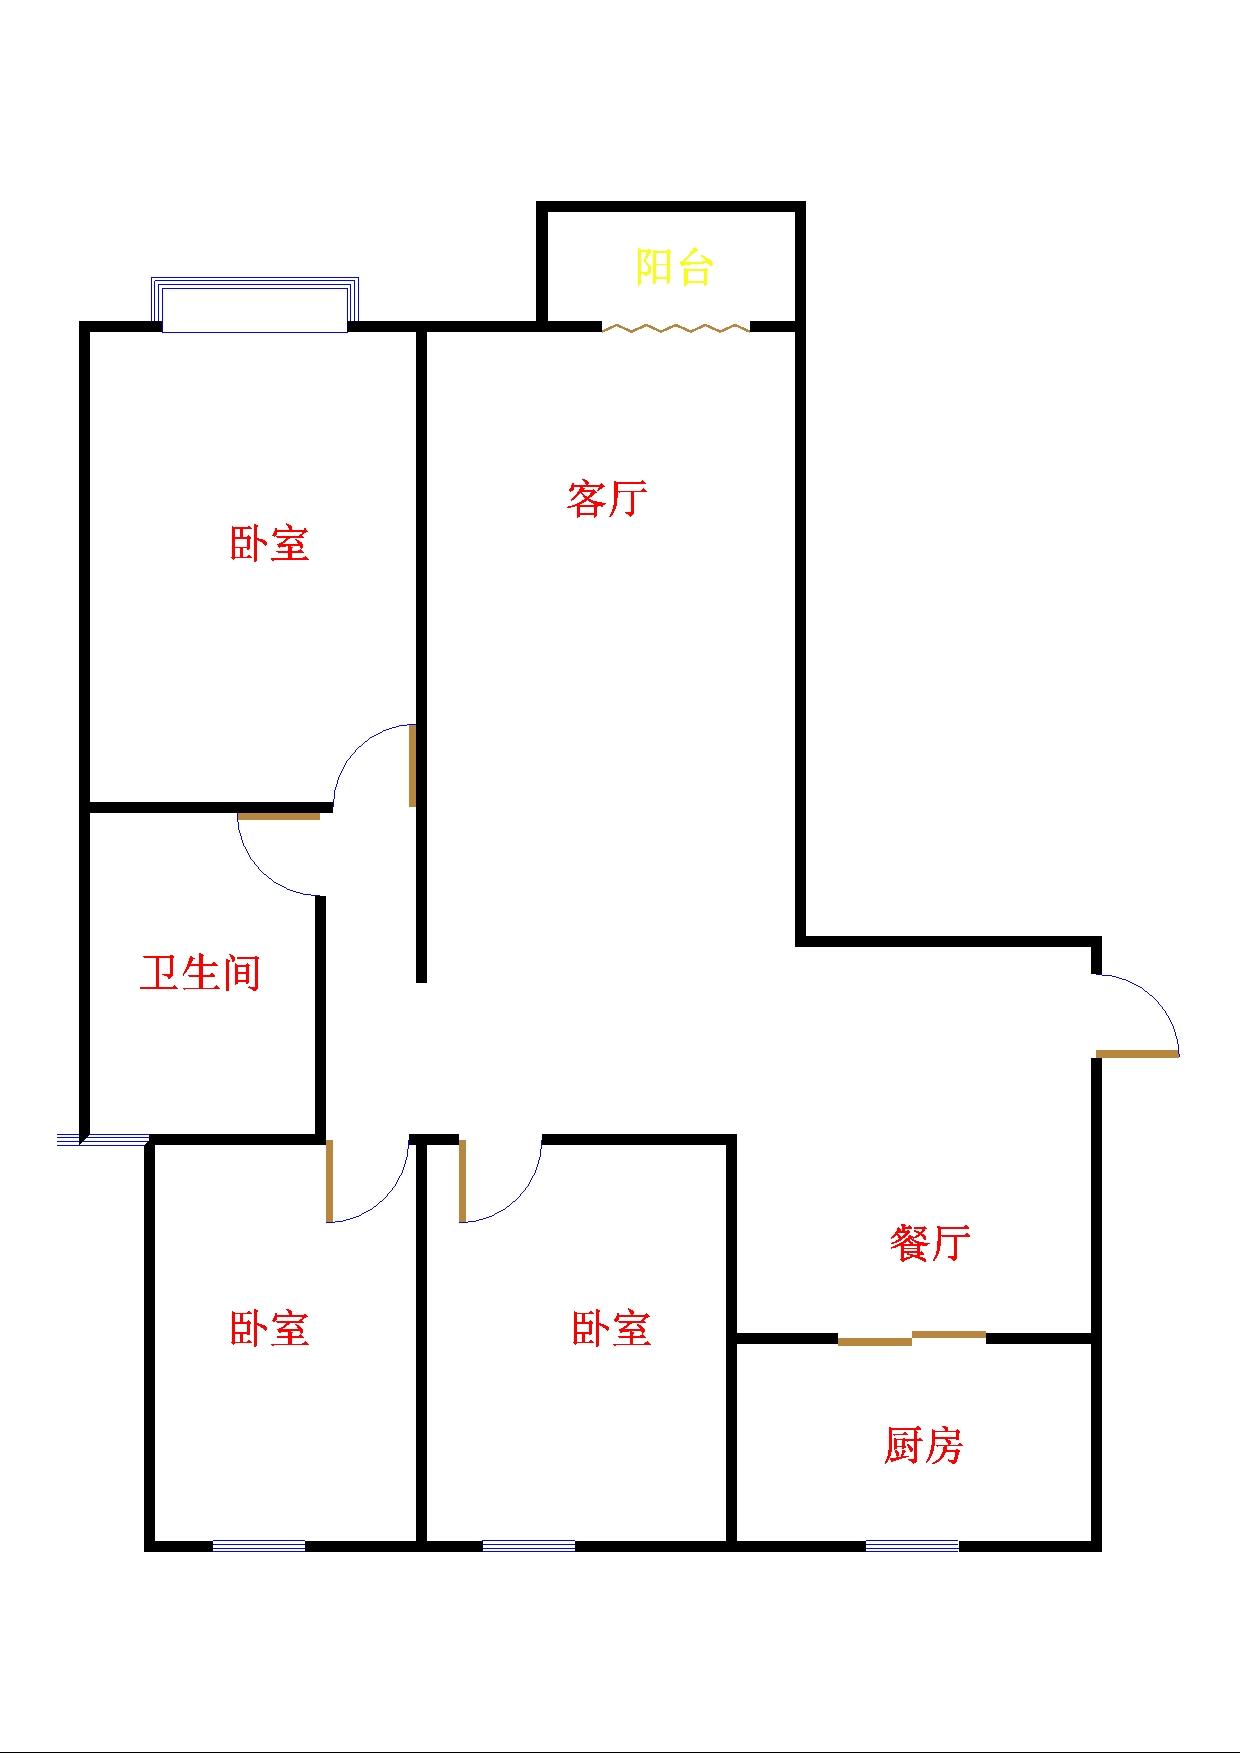 东方明珠小区 3室2厅 双证齐全 简装 268万